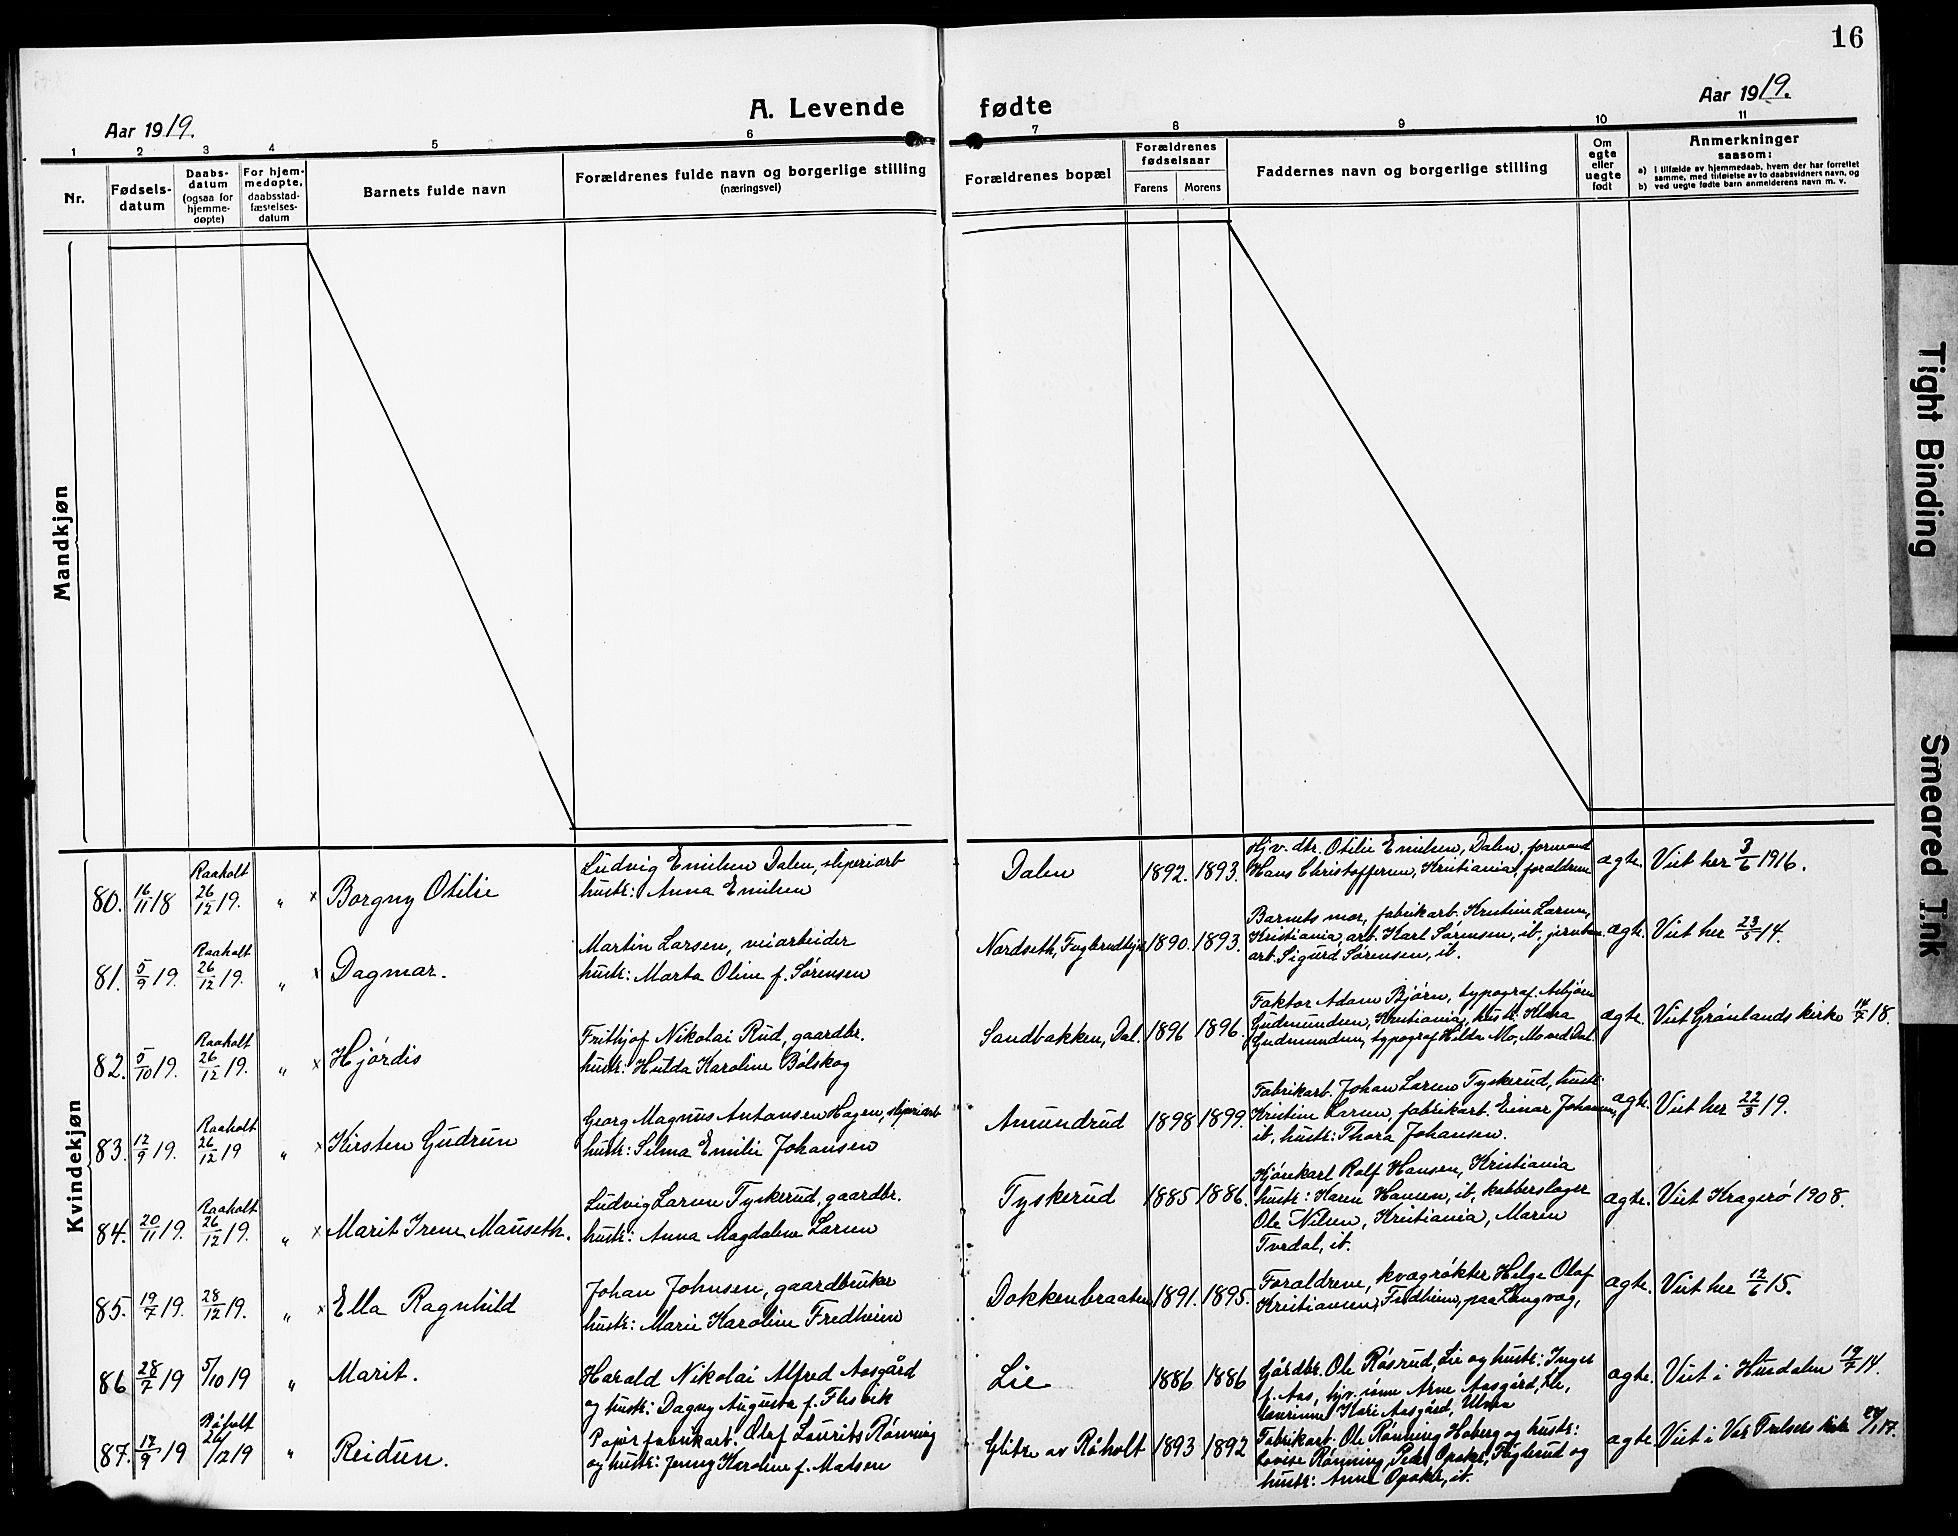 SAO, Eidsvoll prestekontor Kirkebøker, G/Ga/L0010: Klokkerbok nr. I 10, 1919-1929, s. 16